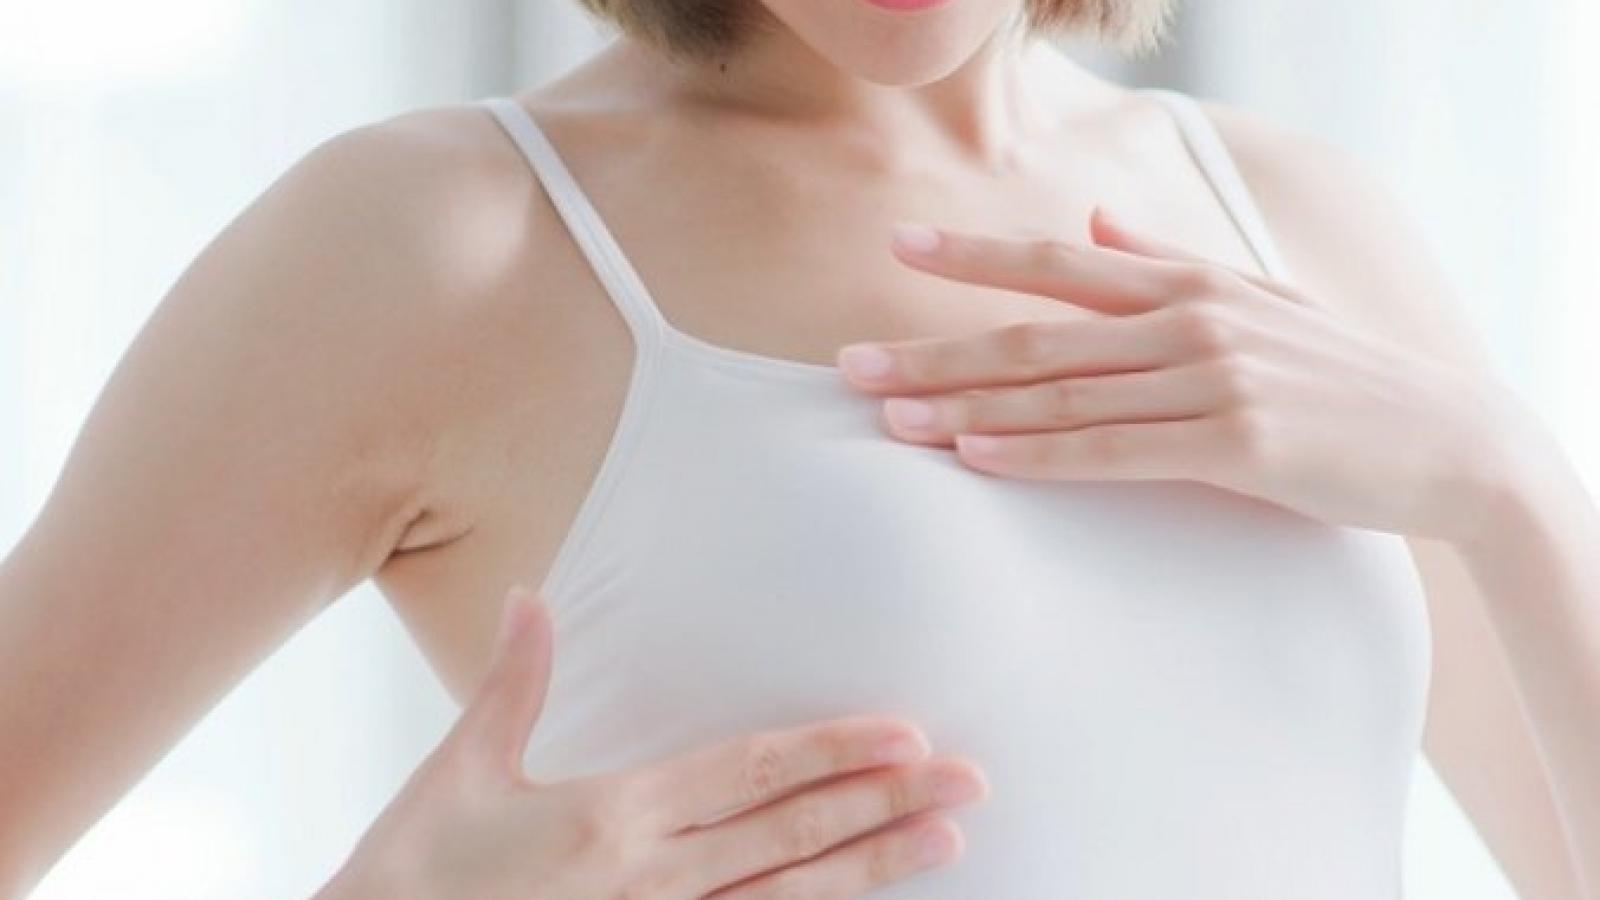 clinica de cirurgia plastic em santos dra ana lucia lemos protese de mama com reduçao de mamilo 20.04.21